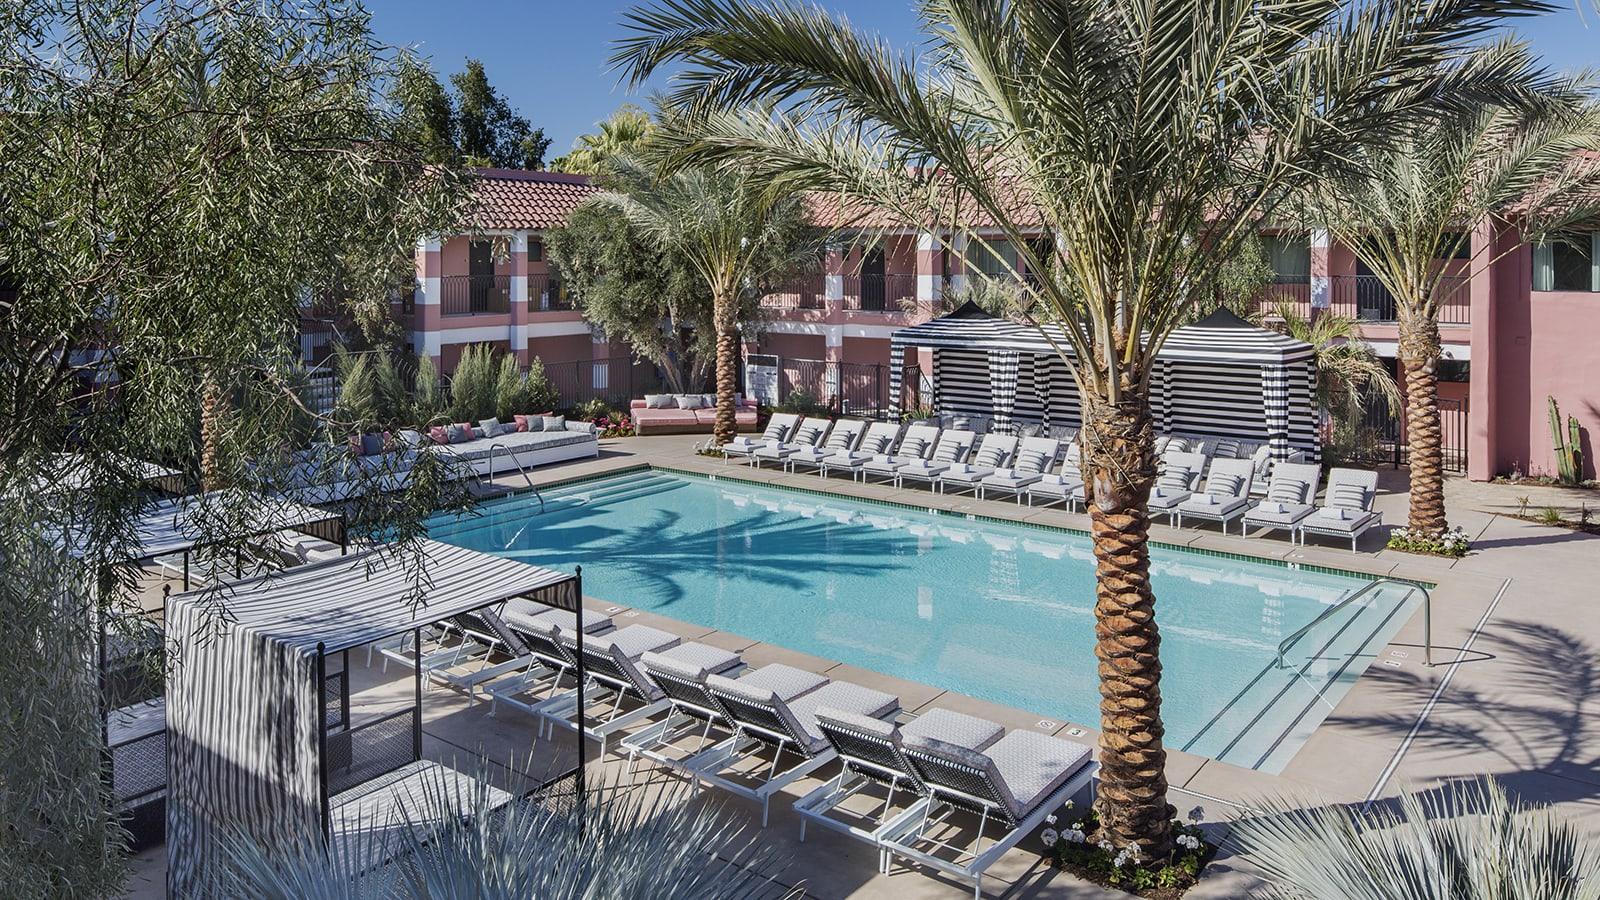 مستعد لتخطيط عطلتك القادمة؟ إليك أفضل فندق في العالم في 2019